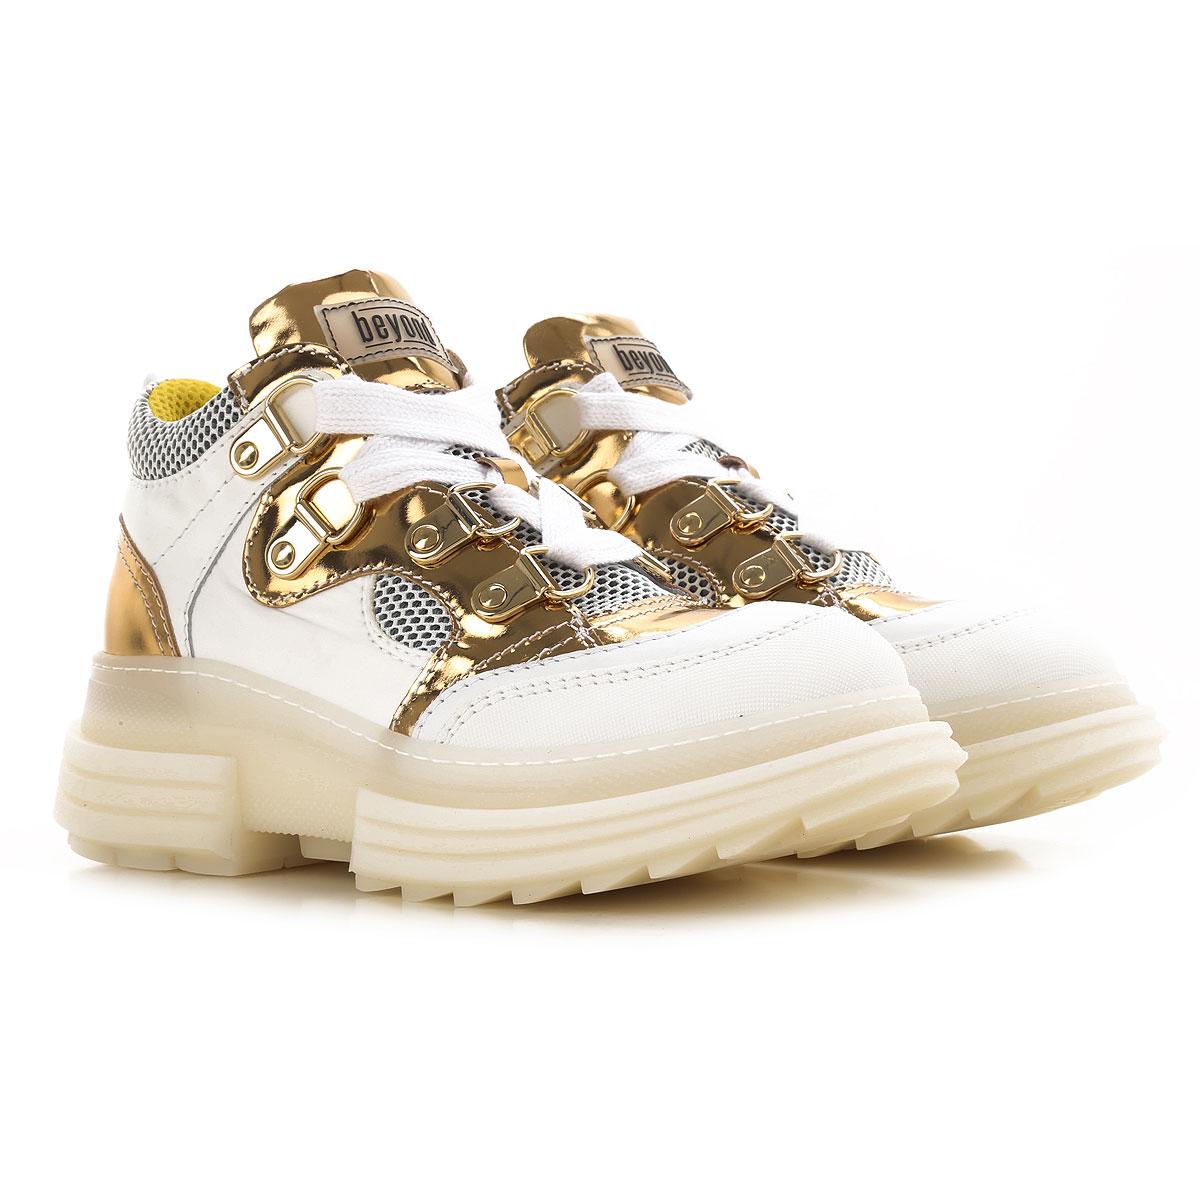 Beyond Sneaker Femme, Blanc, Cuir, 2019, 36 37 38 39 40 41